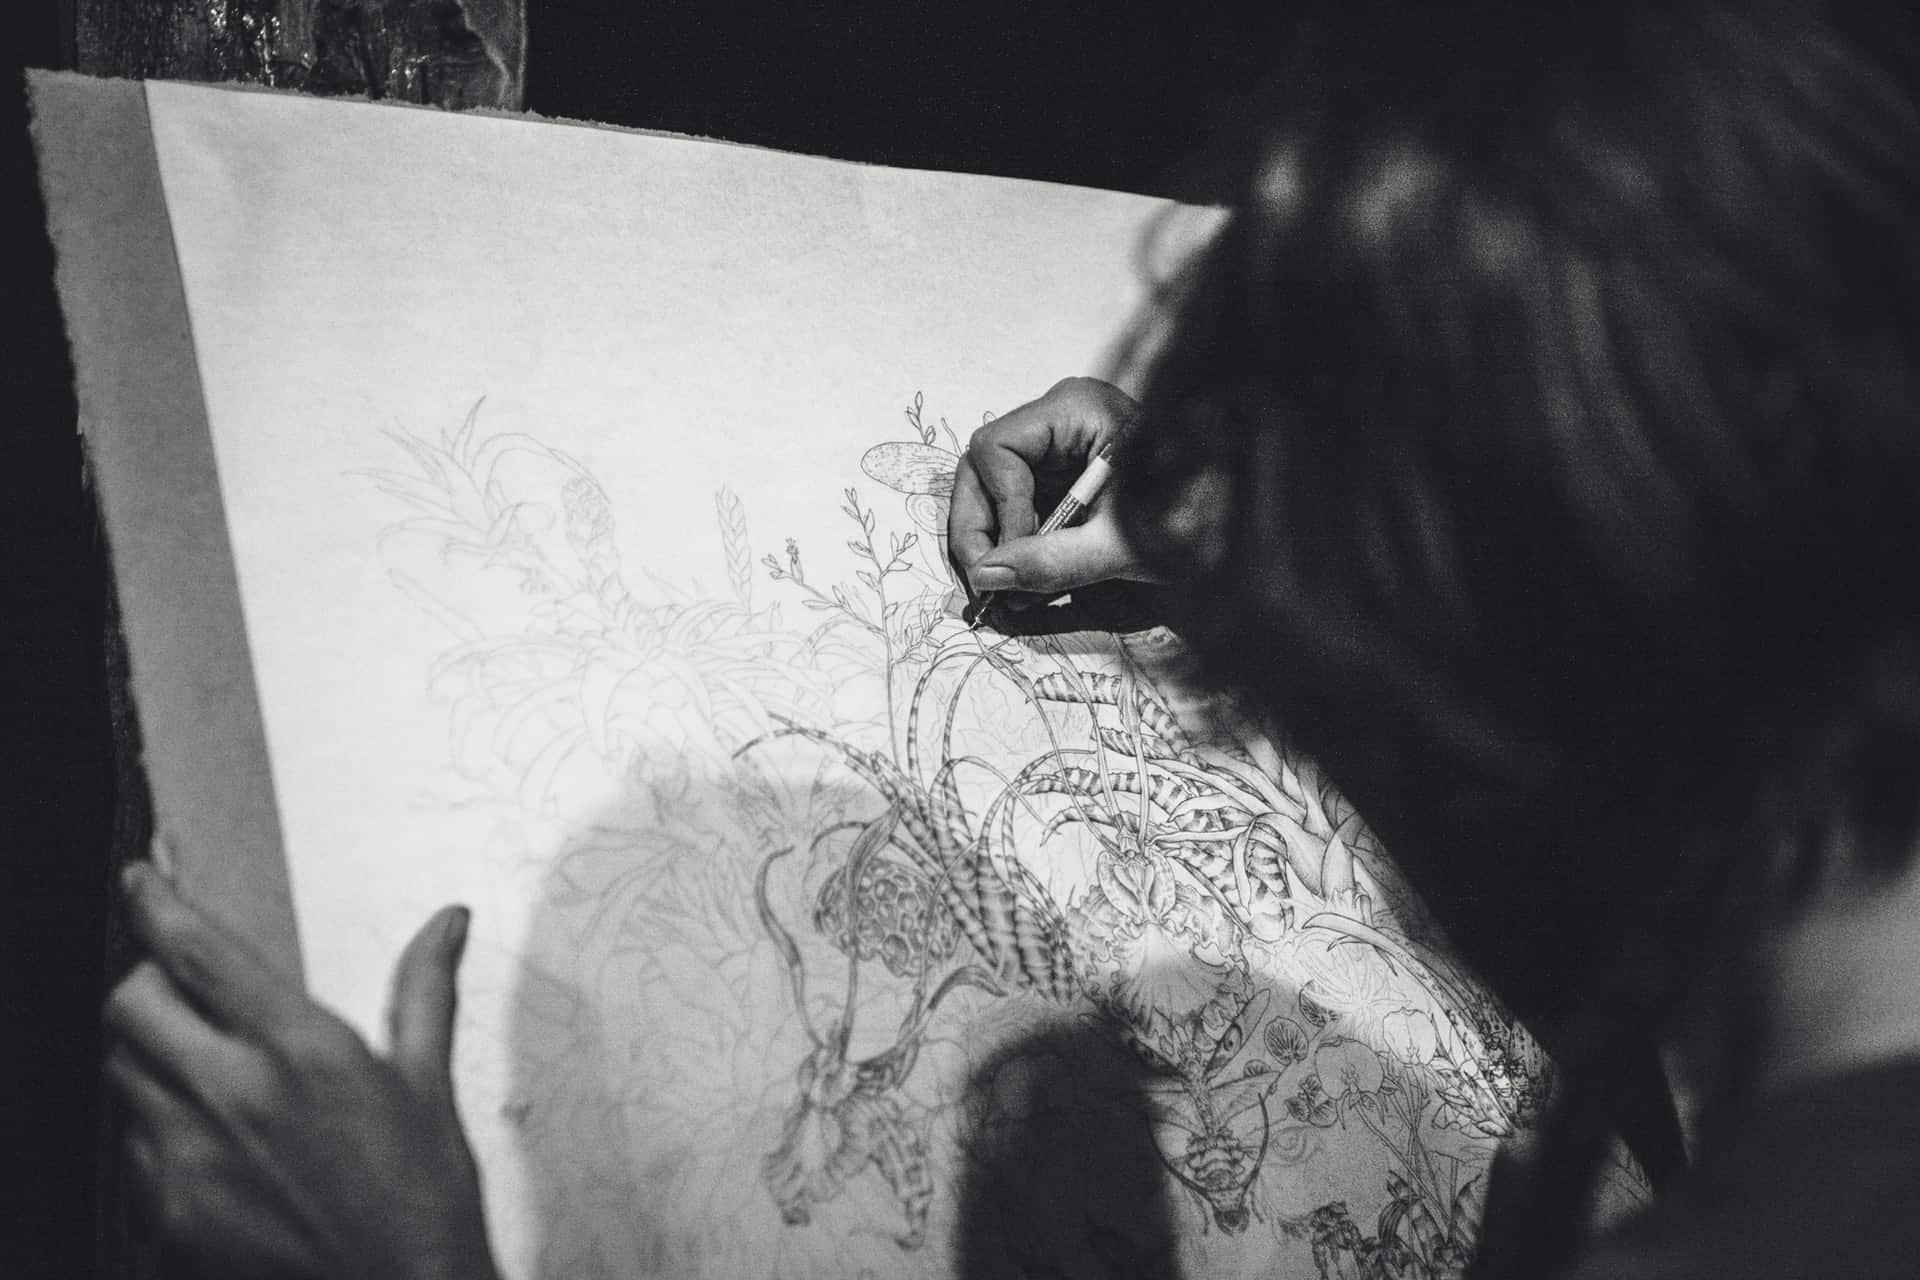 Contoh Karya Seni Rupa 2 Dimensi Dan Seni Rupa 3 Dimensi